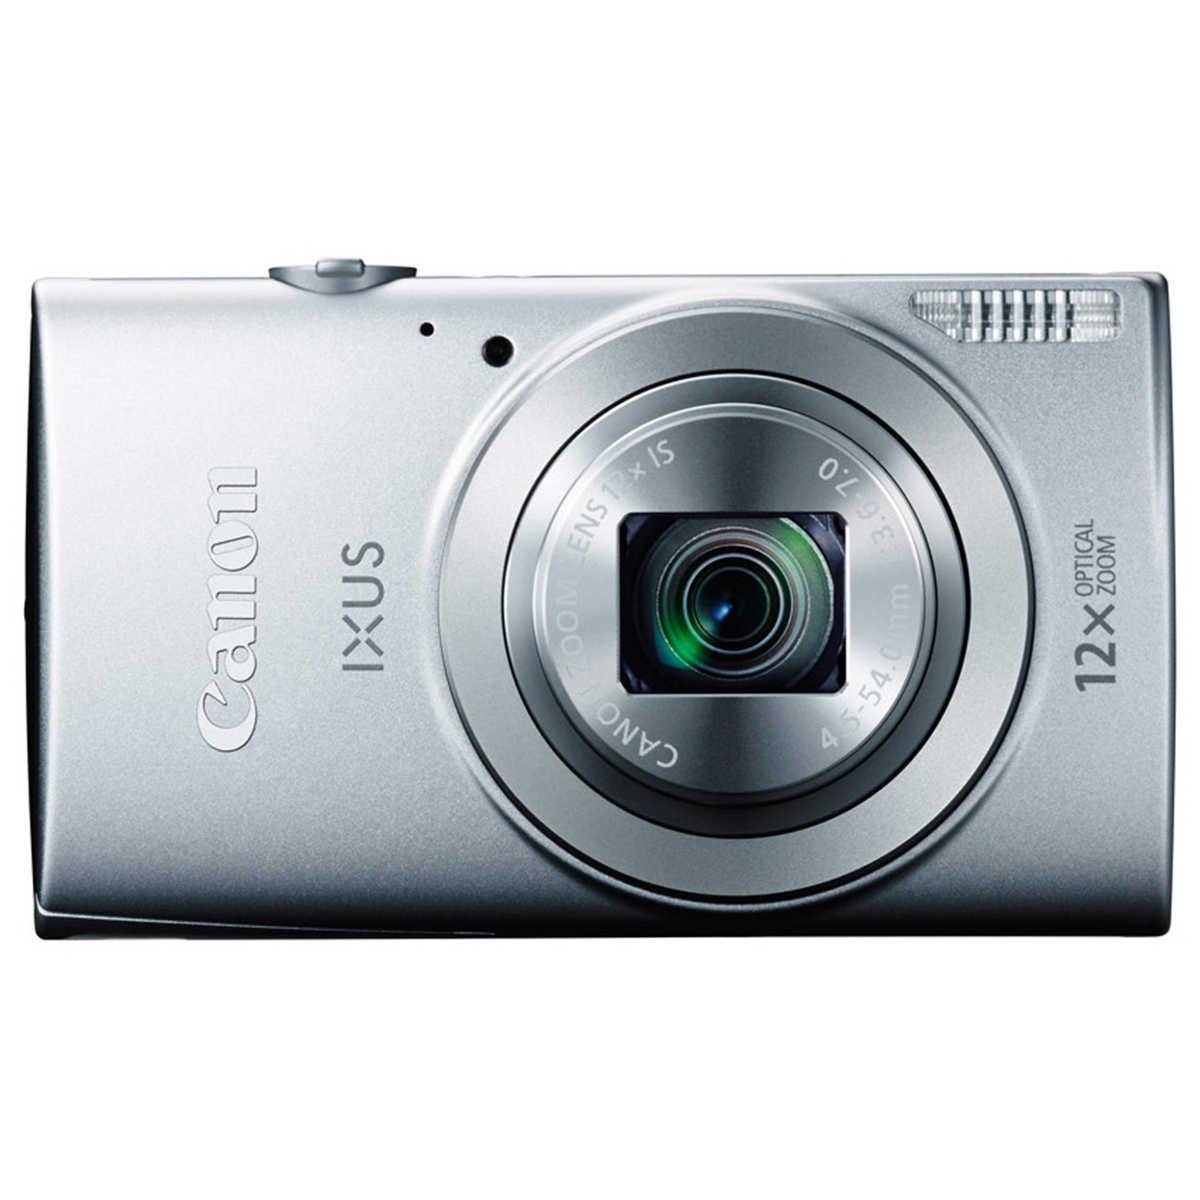 Canon IXUS 170 Camera Silver